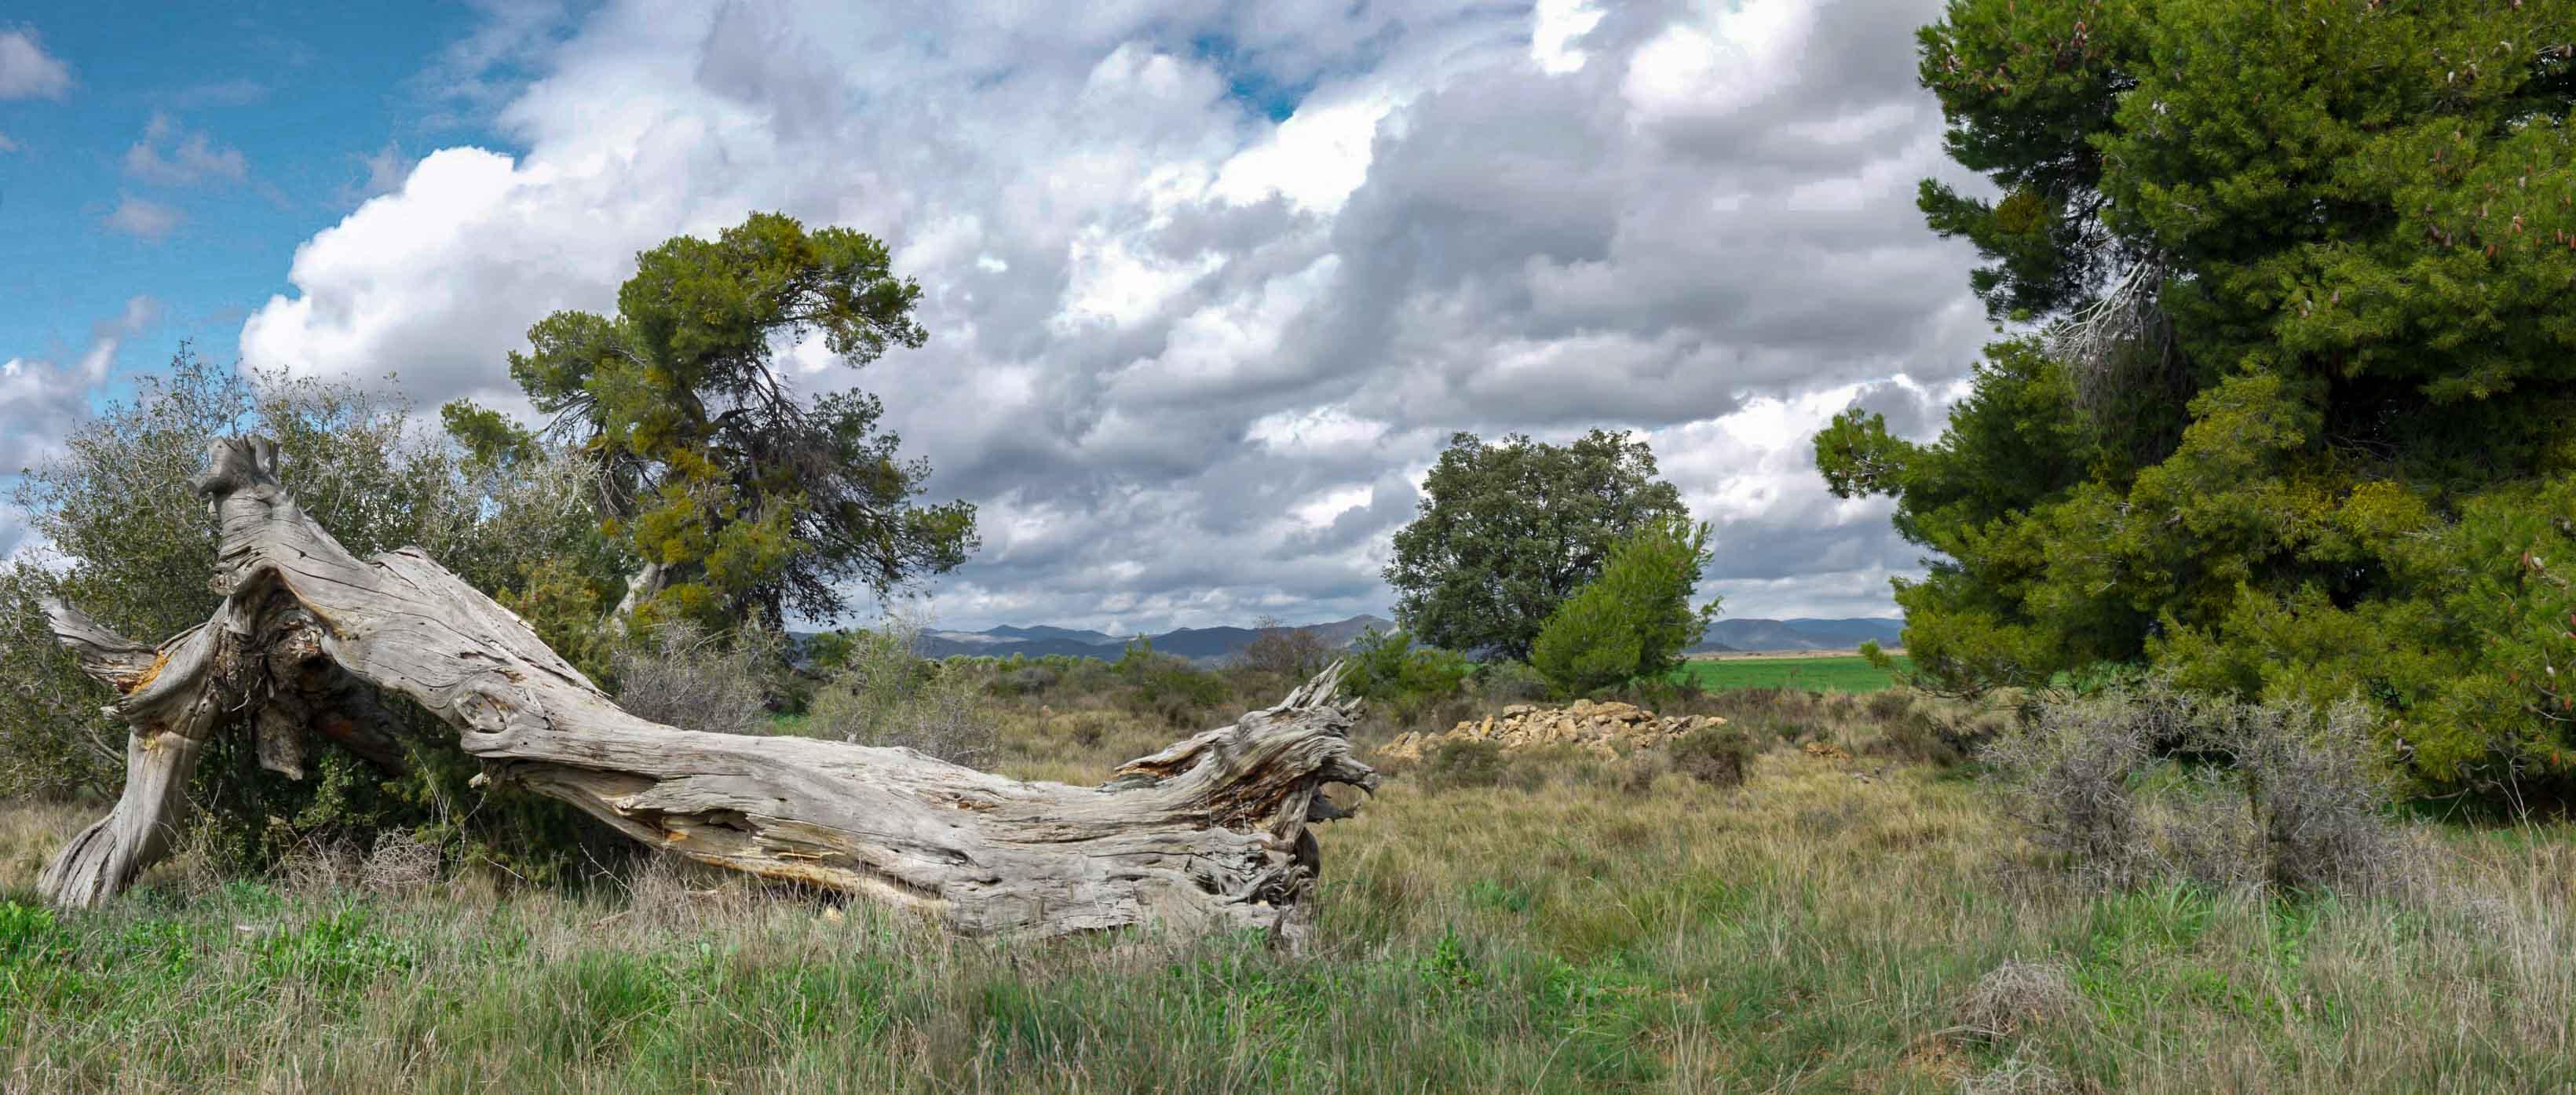 árbol caído, paisaje, nubes, campo